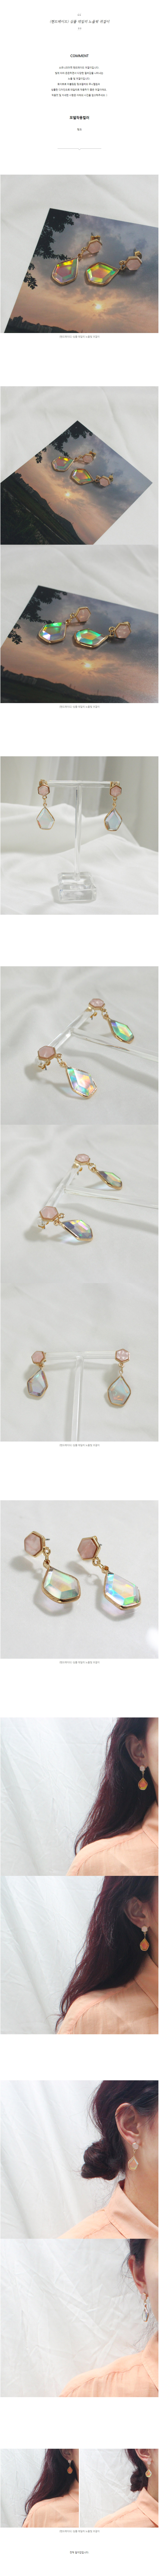 (자체체작) 심플 데일리 노을빛 귀걸이 - 소유니즈마켓, 10,000원, 진주/원석, 드롭귀걸이